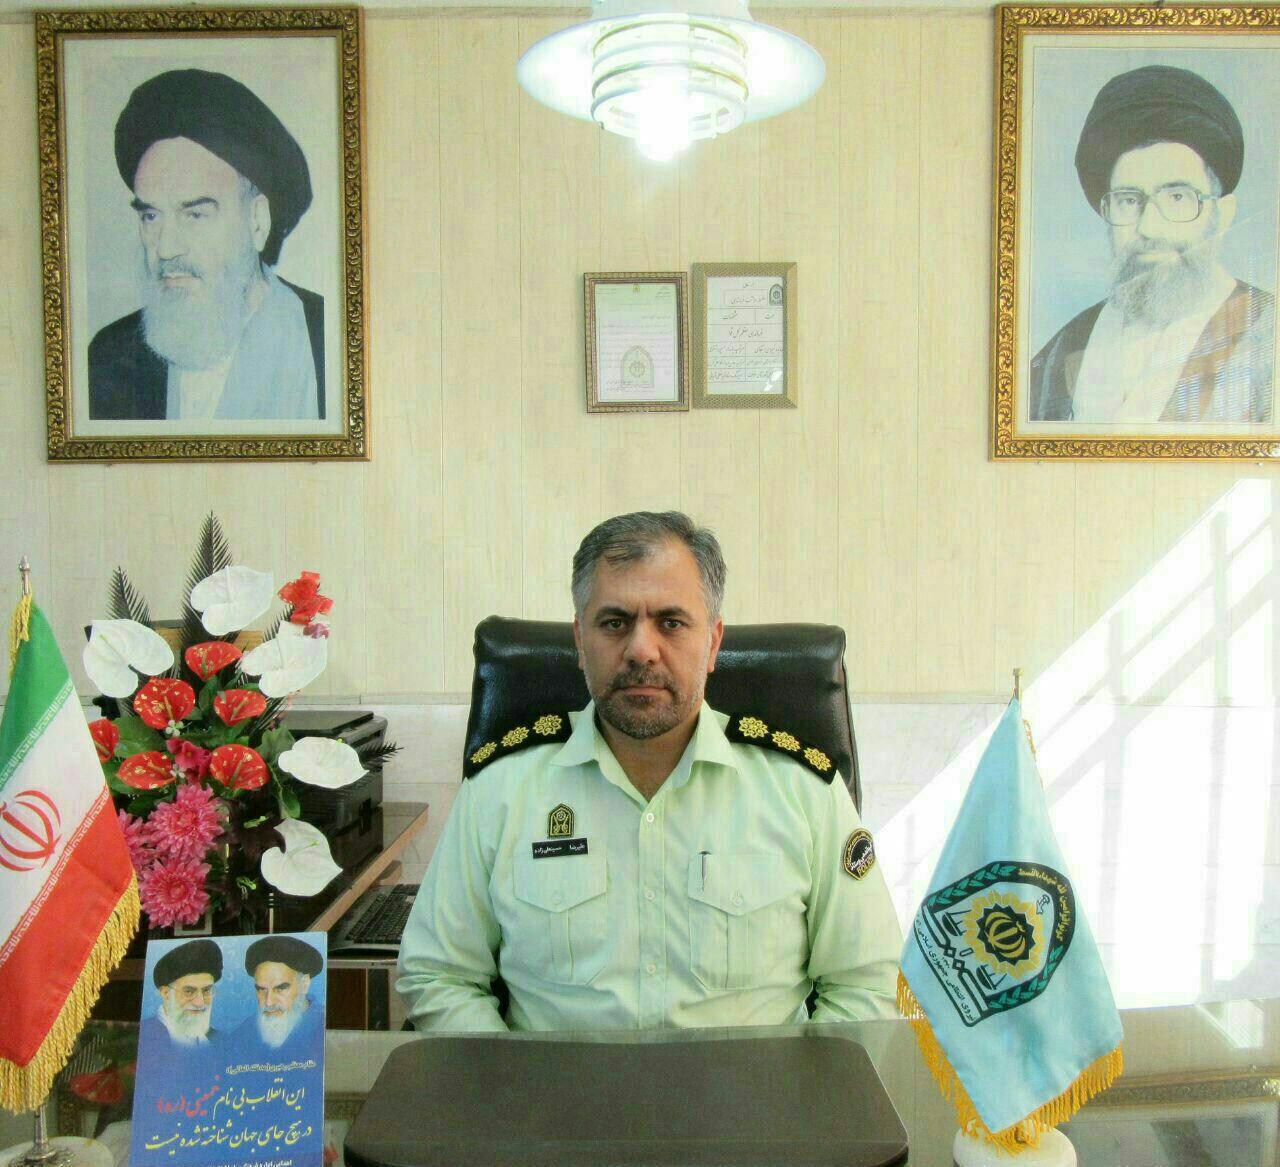 دستگیری سارق حرفه ای با ۸ فقره سرقت در خواف